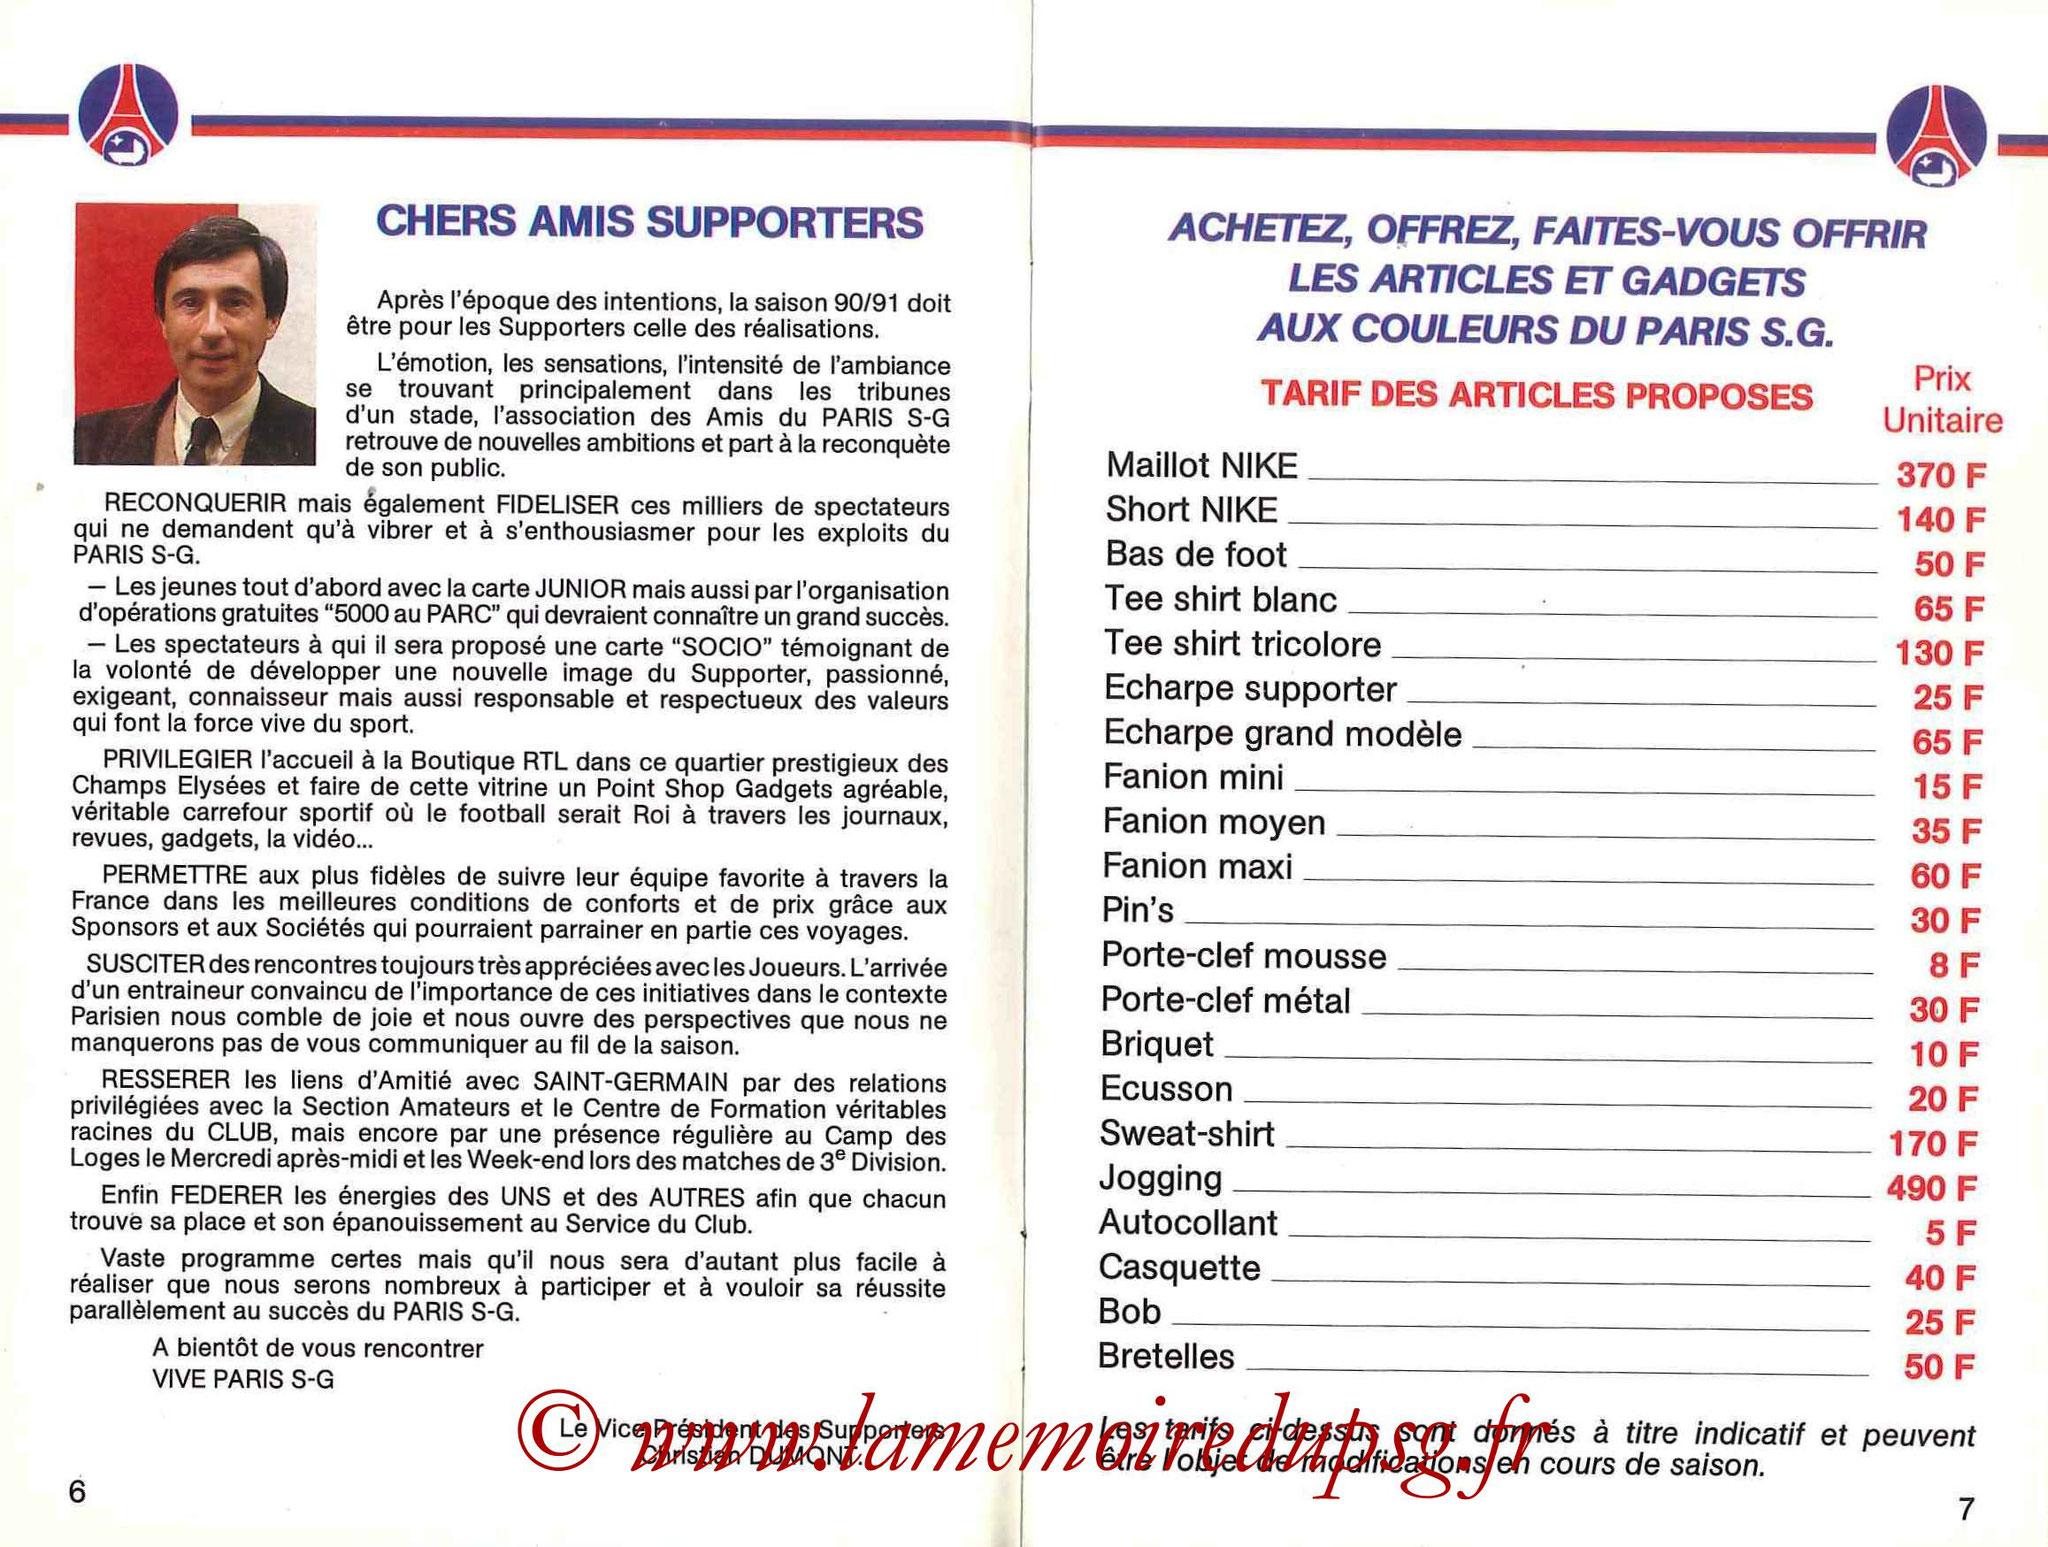 1990-91 - Guide de la Saison PSG - Pages 6 et 7